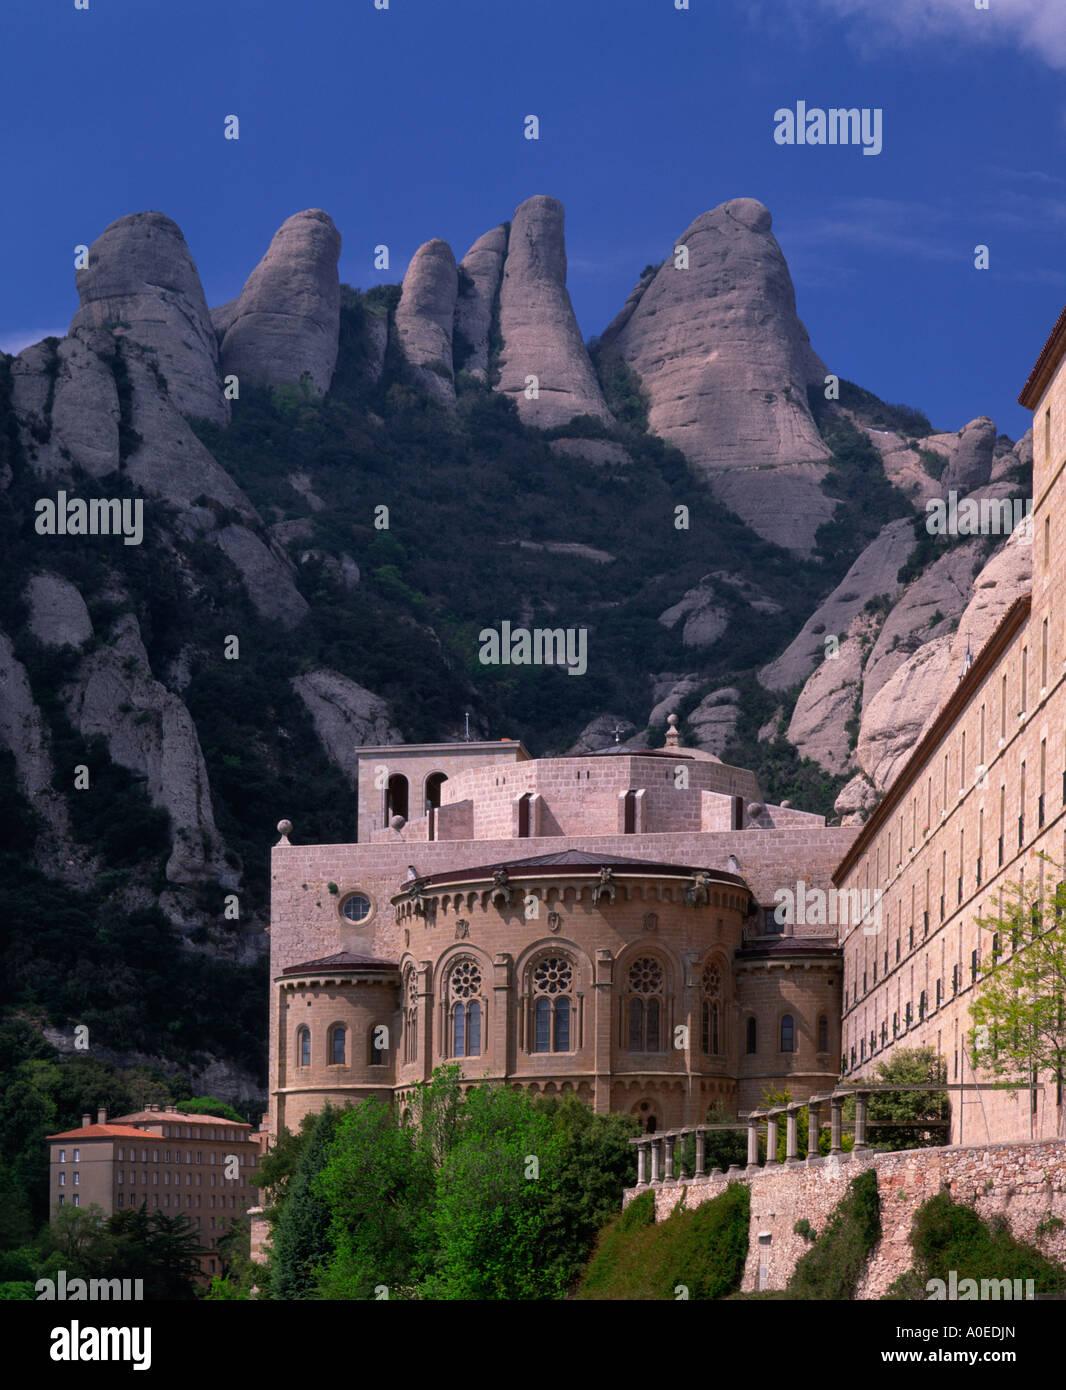 Monastero di Montserrat Catalogna Spagna Immagini Stock